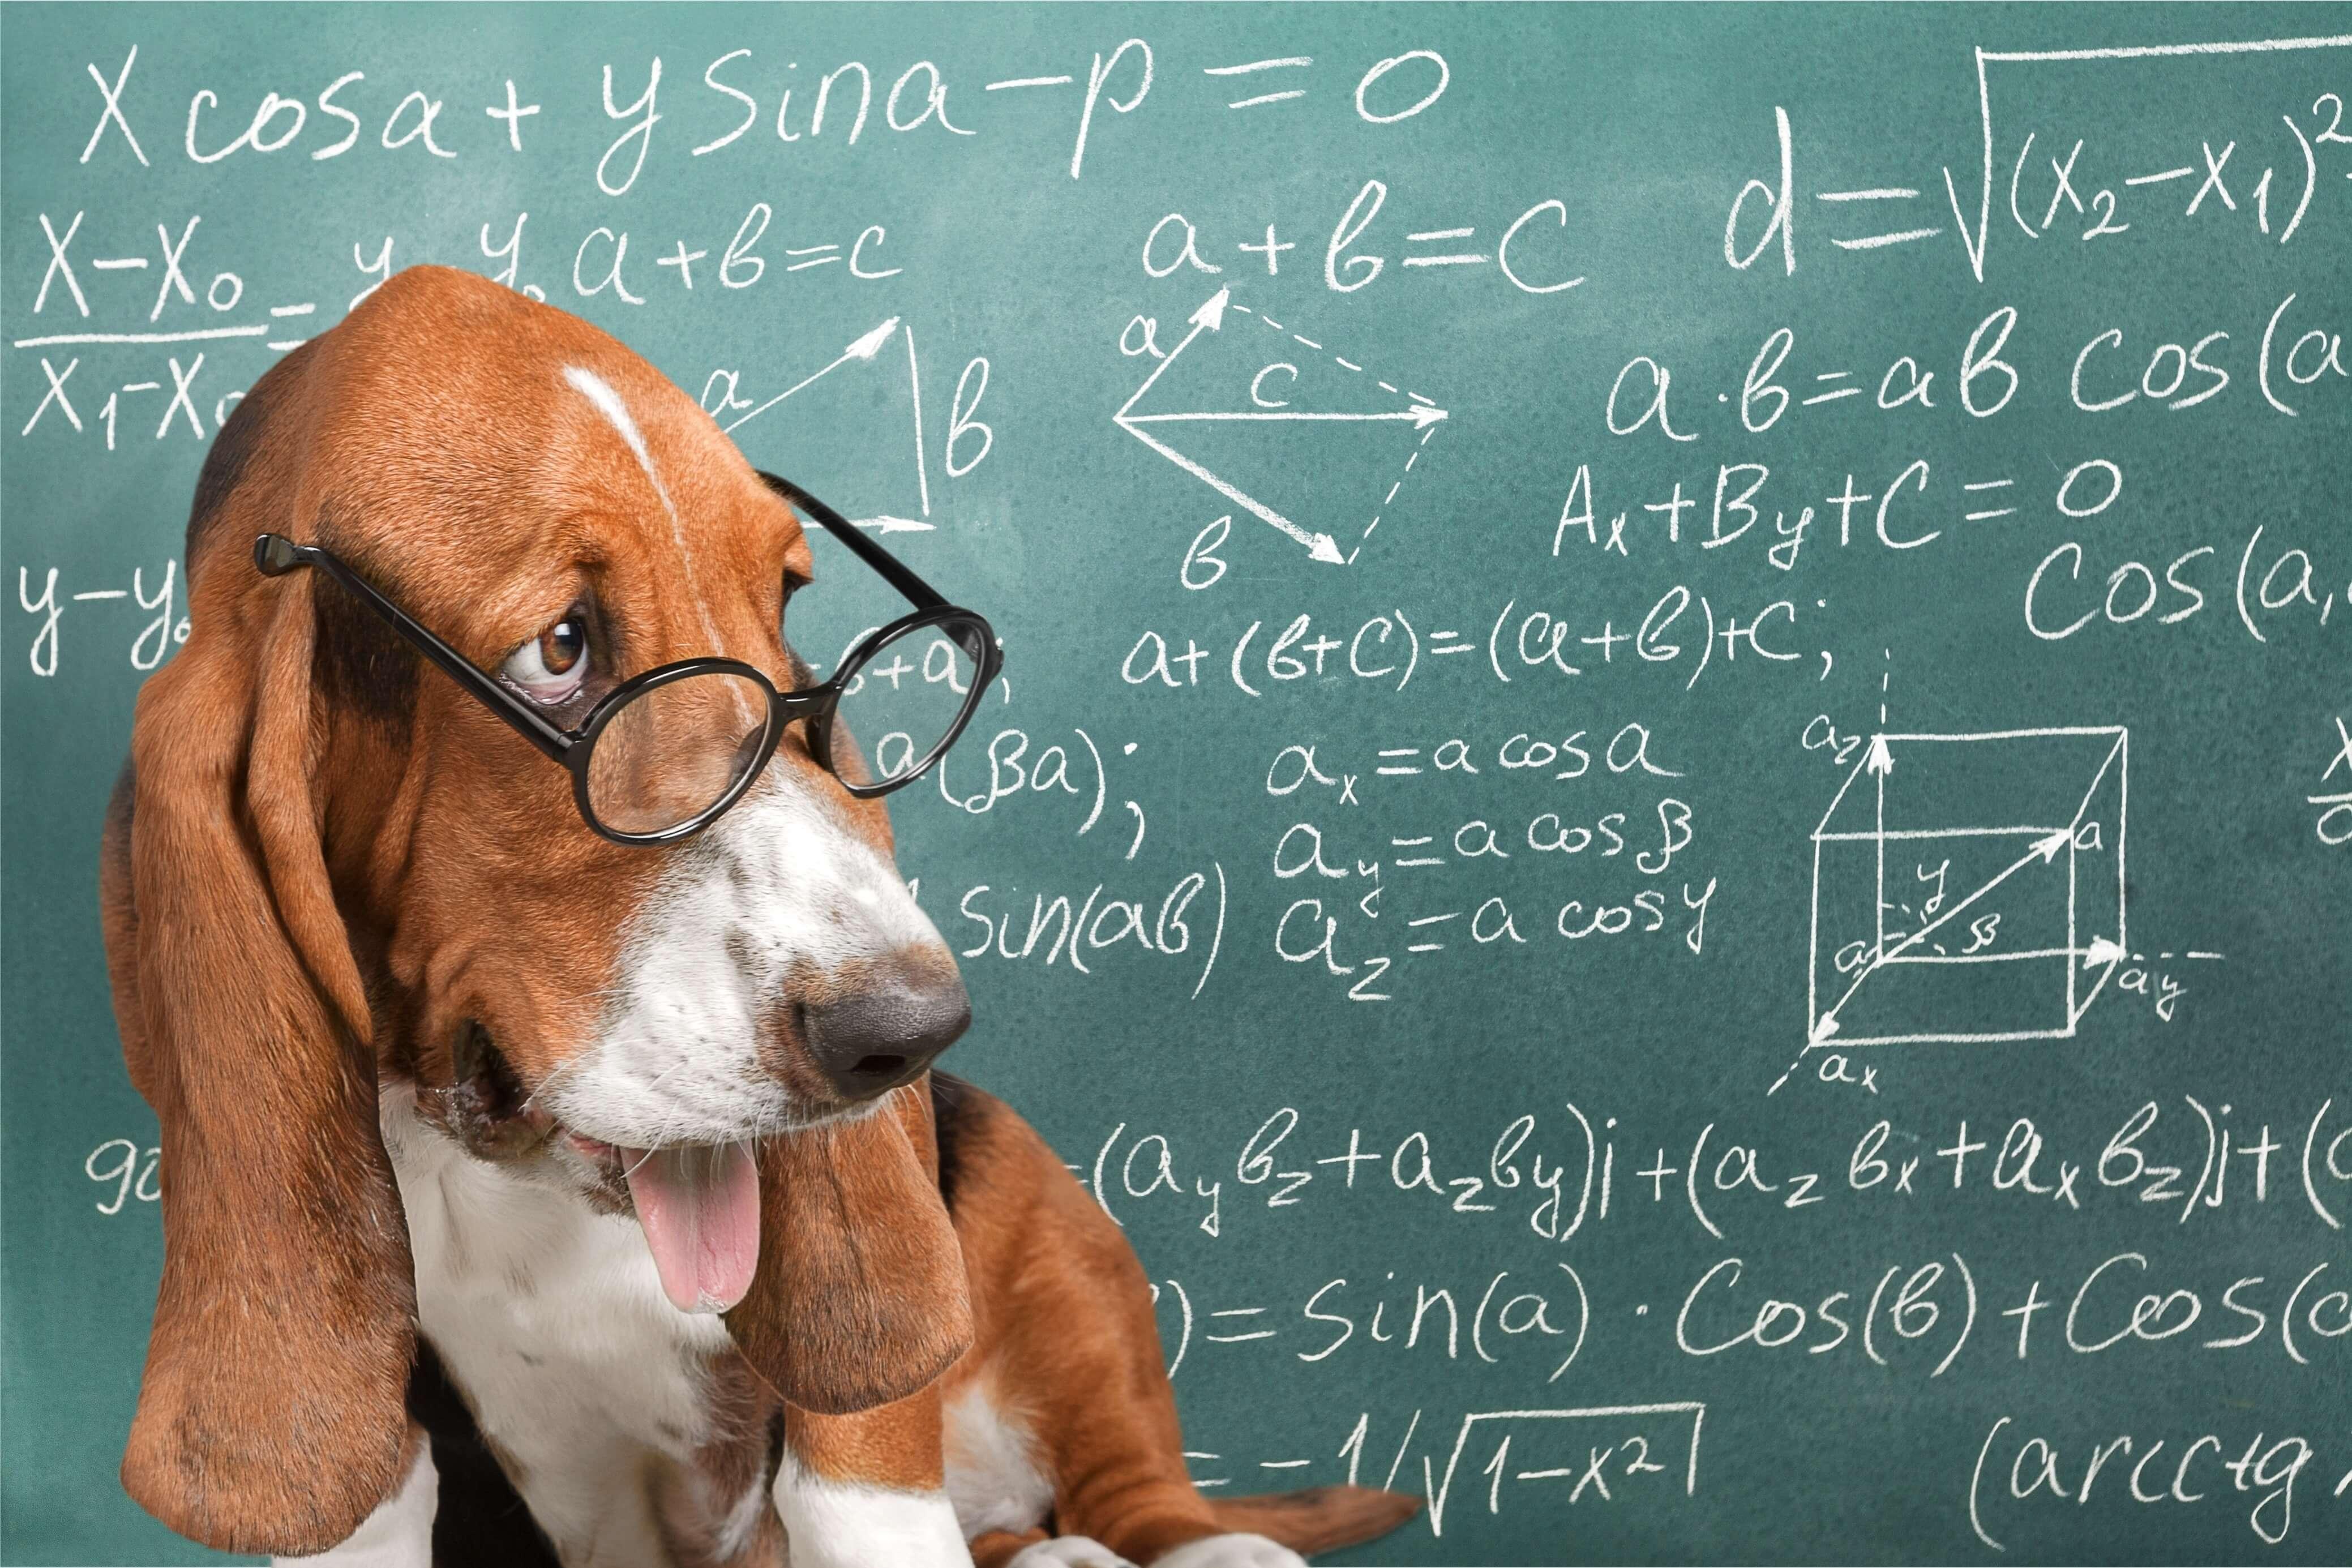 機械学習 ディープラーニング 統計 確率 基礎